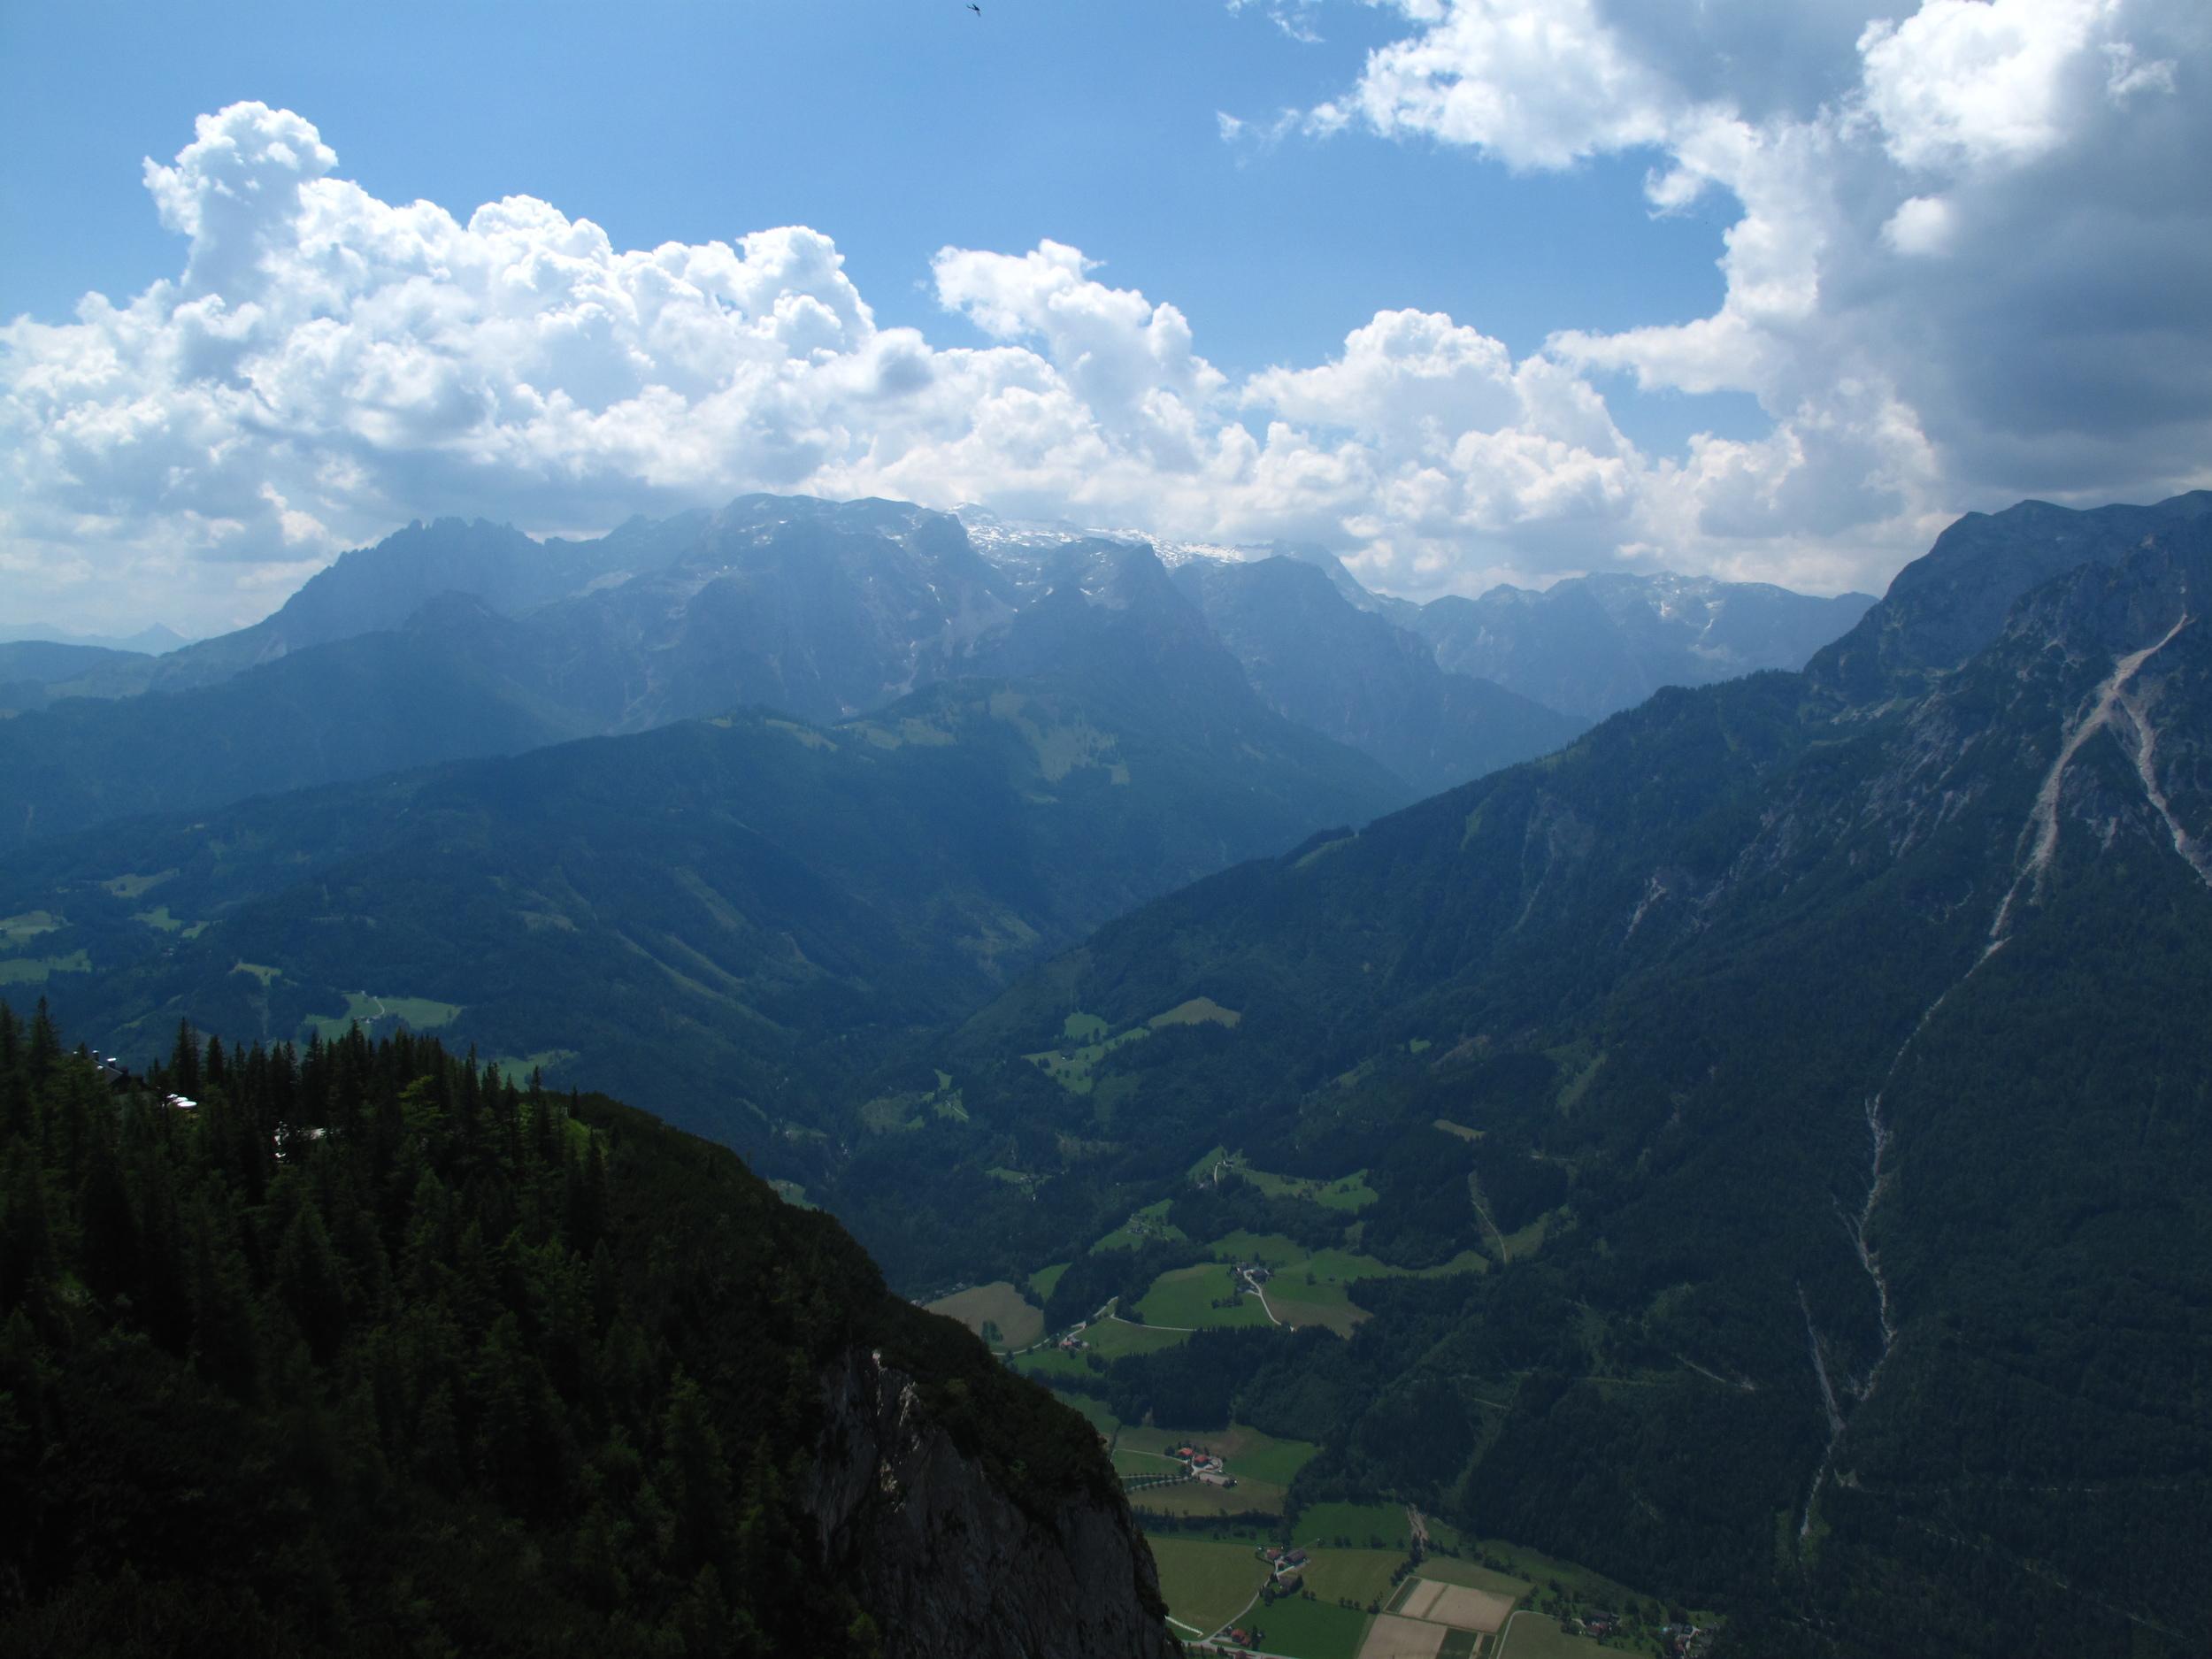 The mountains of Austria near Werfen.